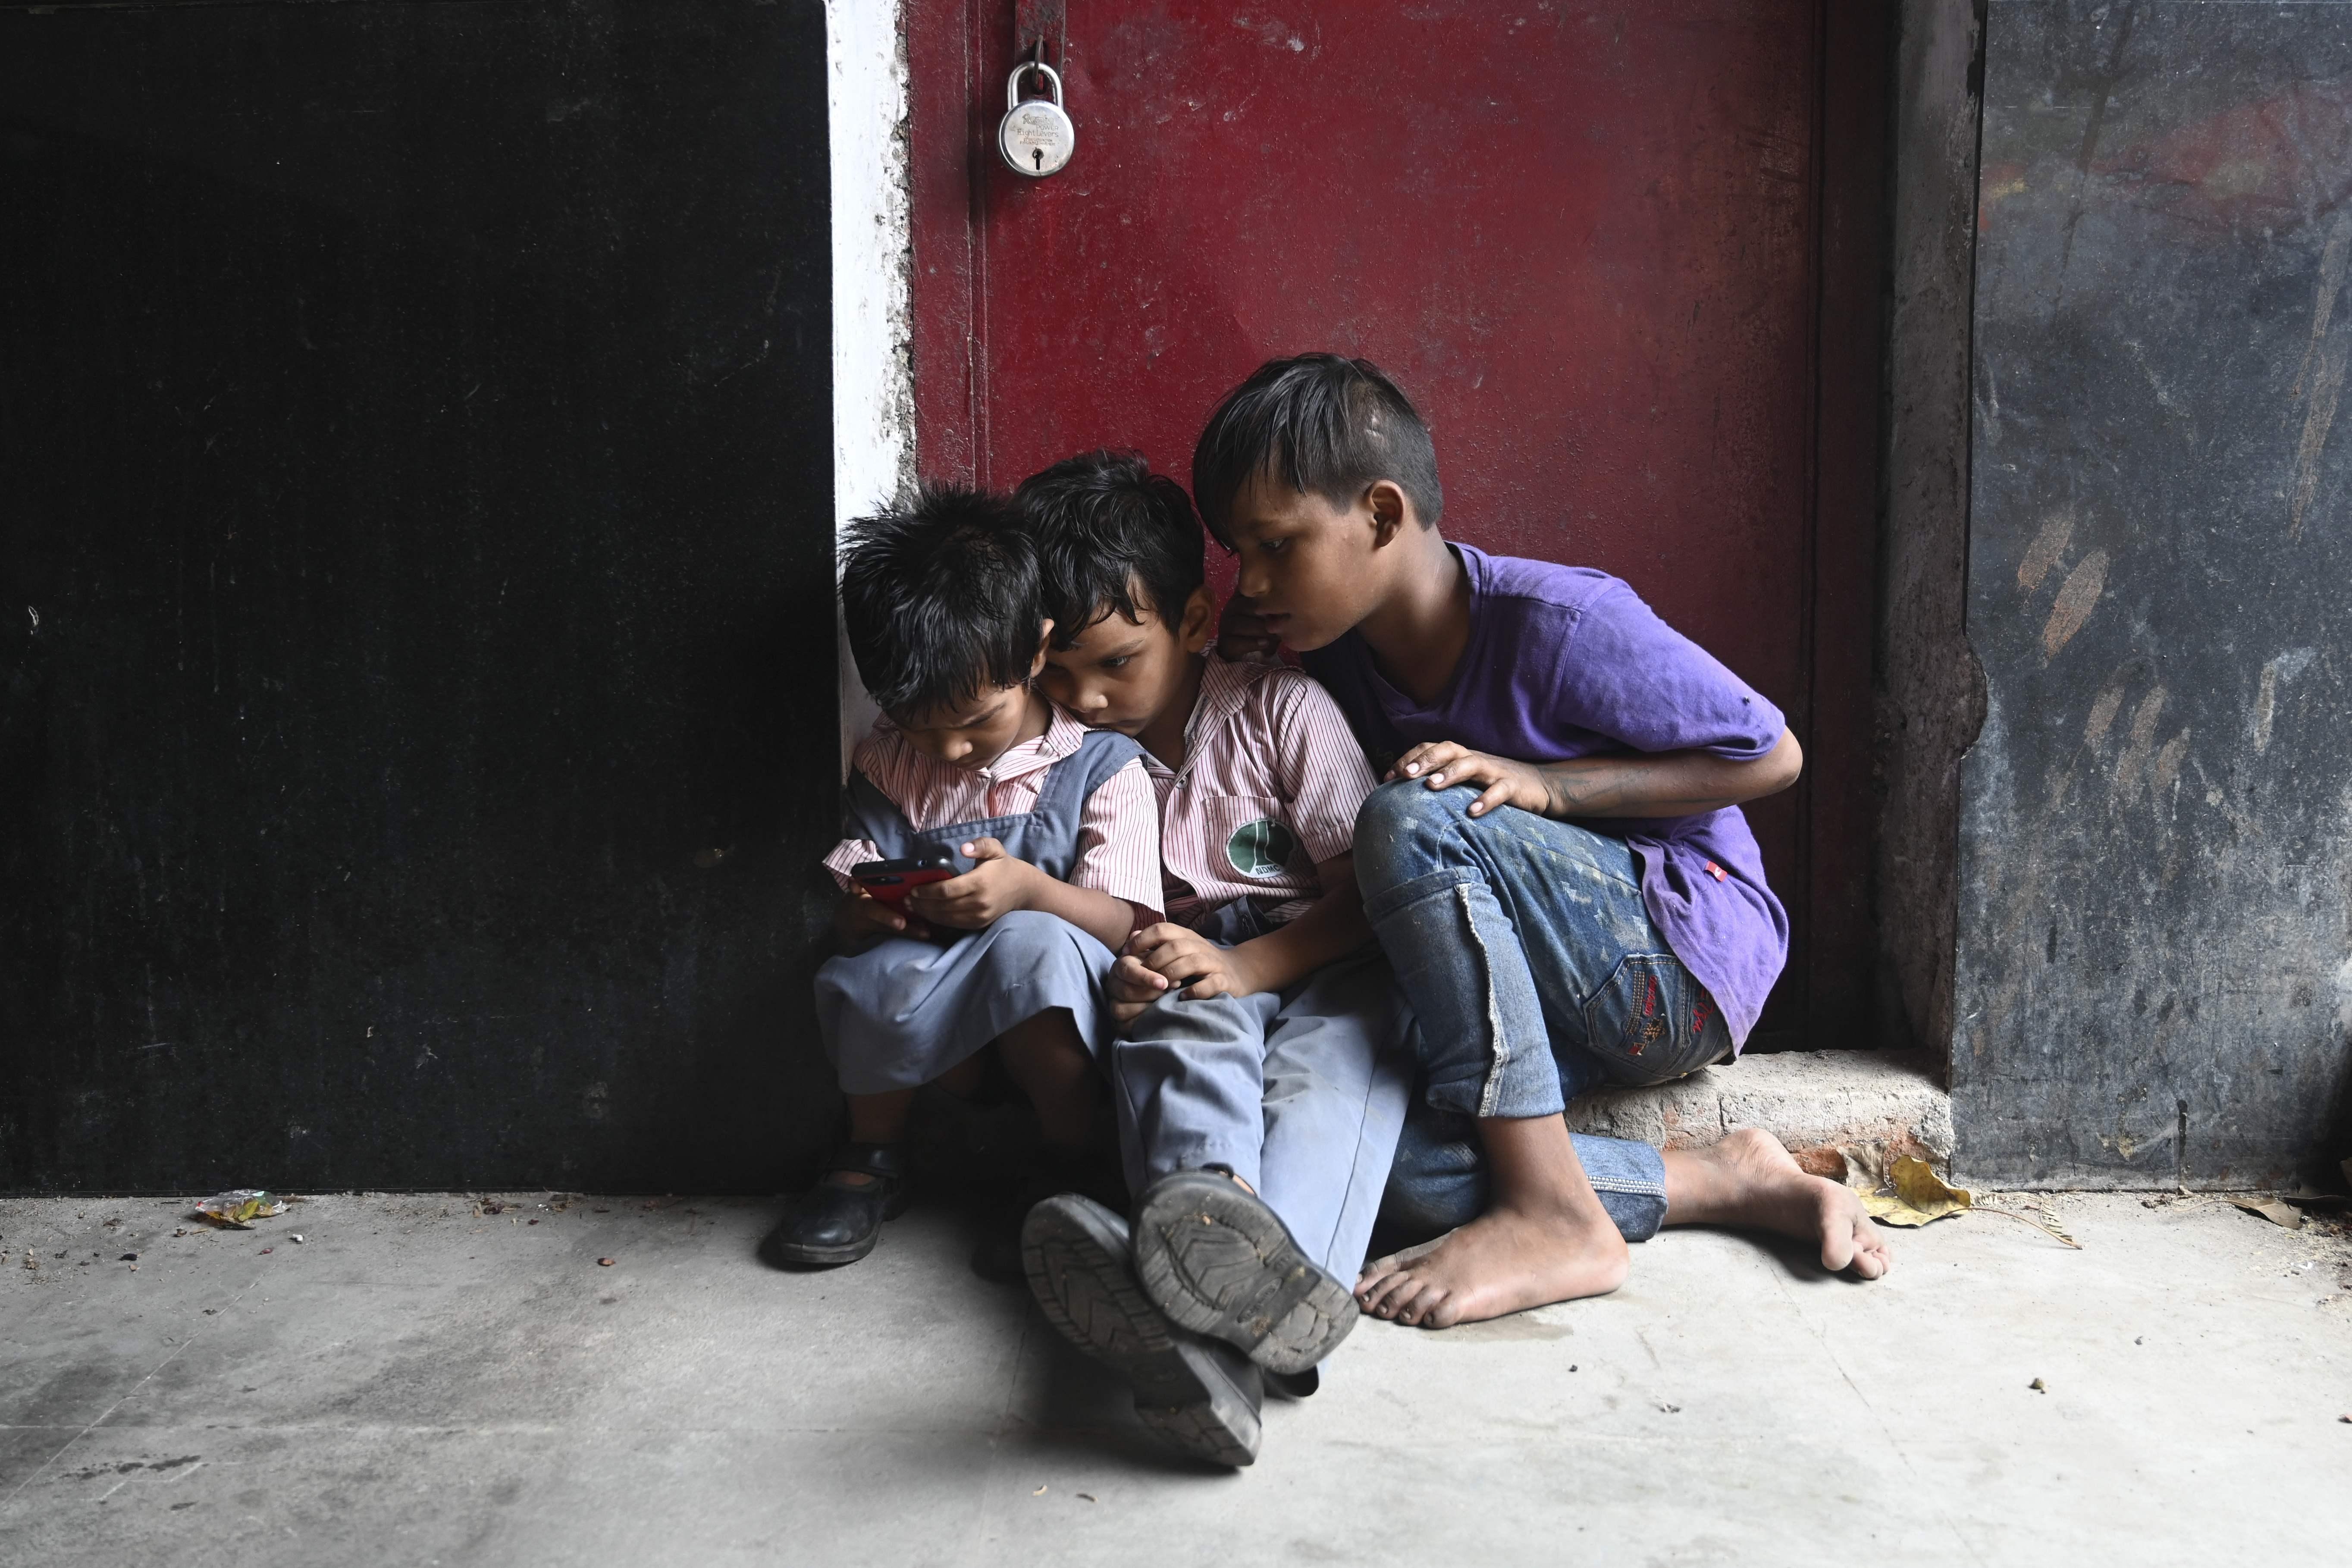 أزمات الهويات الإثنية والدينية تفاقم أوضاعاً صعبة كثيرة يعيشها الناس في الهند